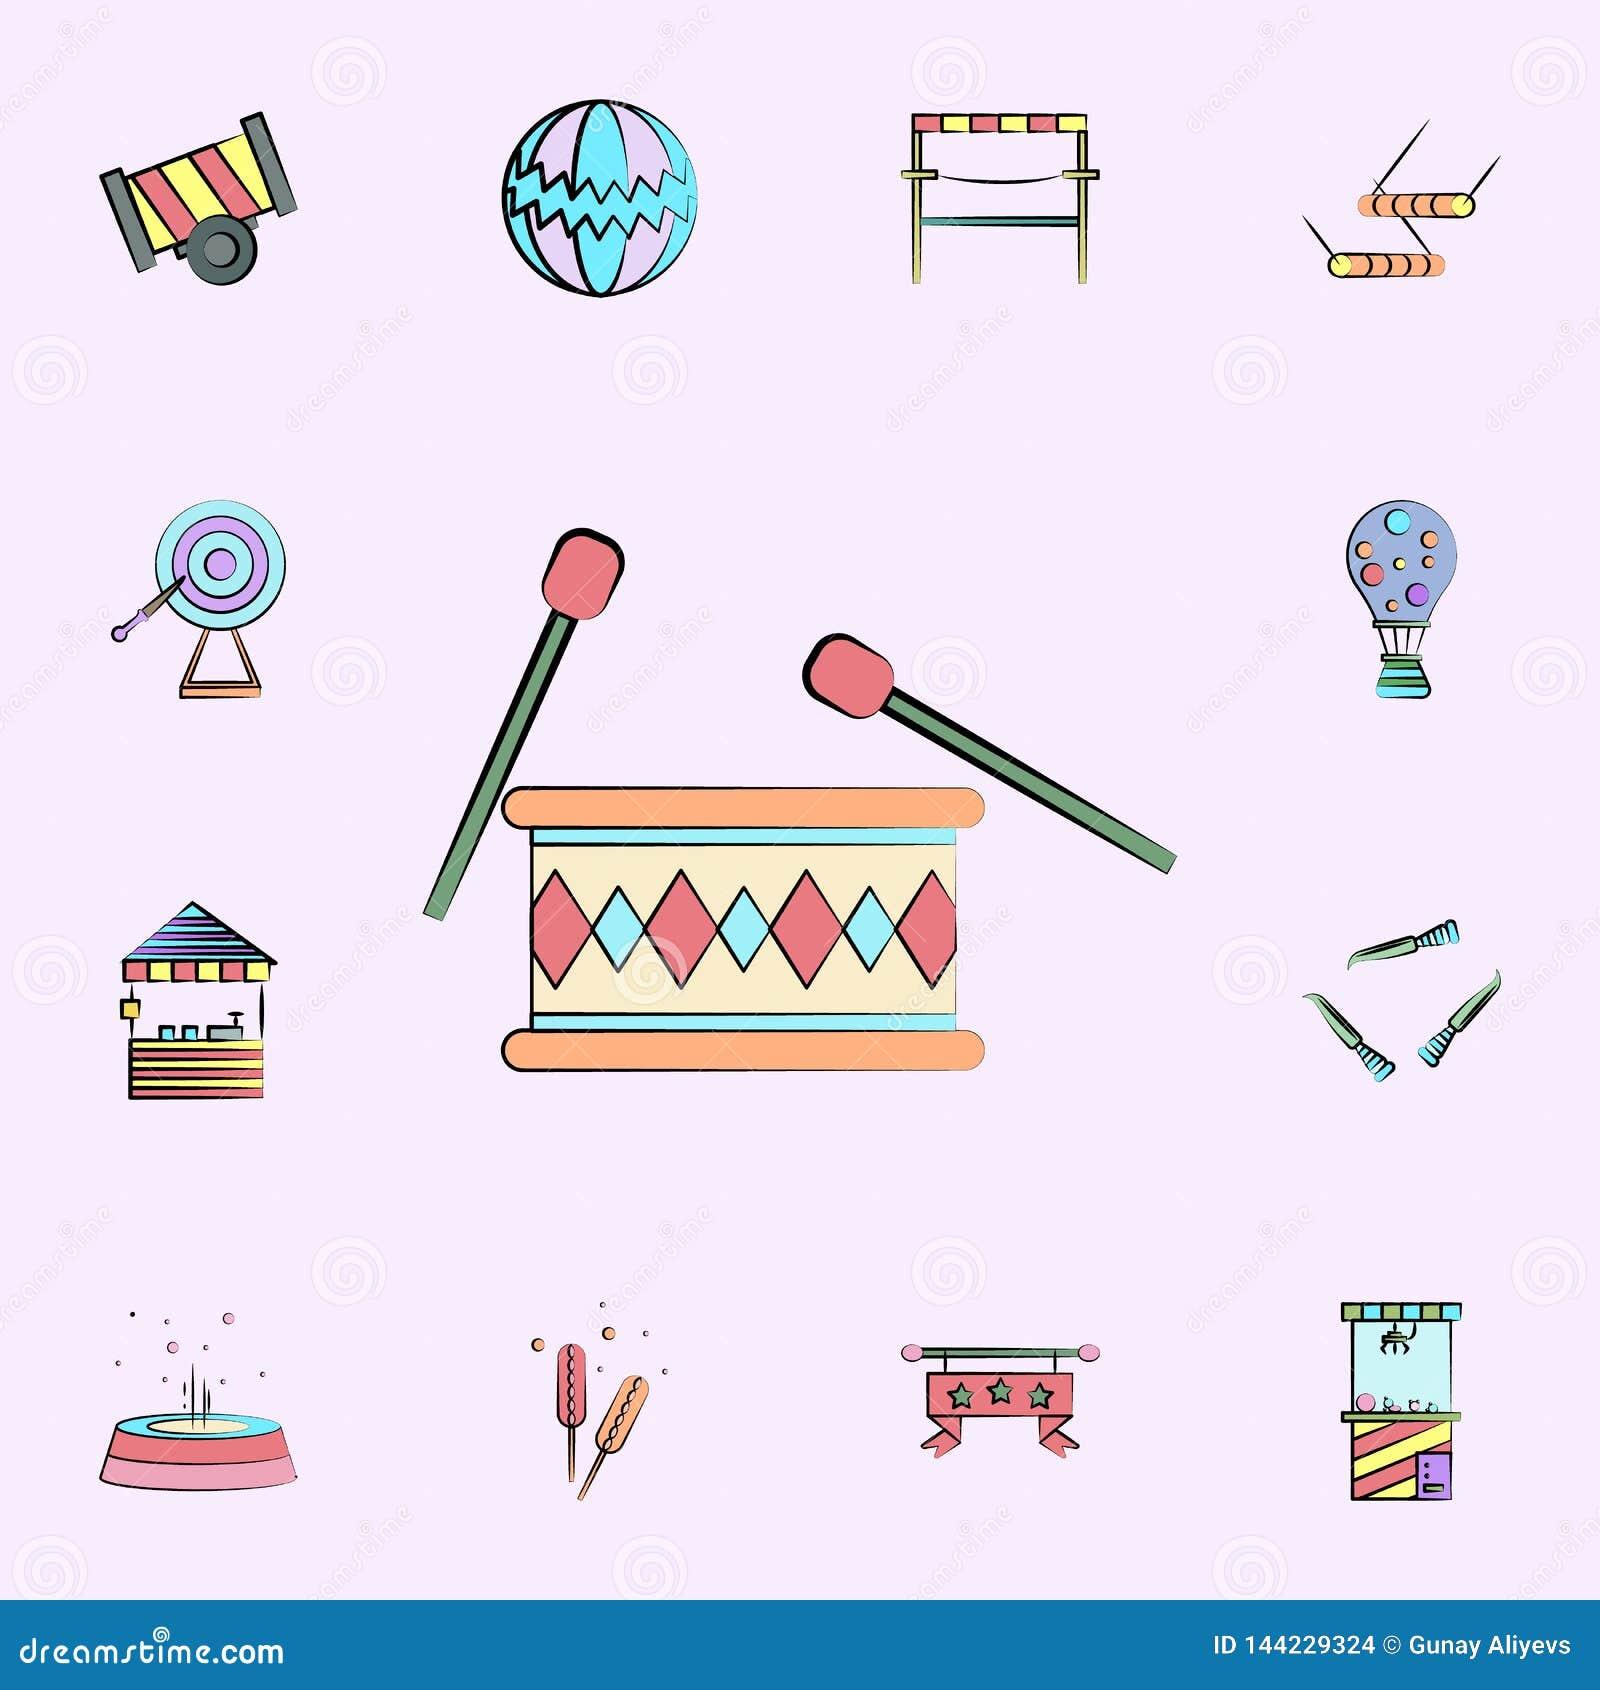 τύμπανο με χρωματισμένο το chopsticks εικονίδιο καθολικό εικονιδίων τσίρκων που τίθεται για τον Ιστό και κινητό